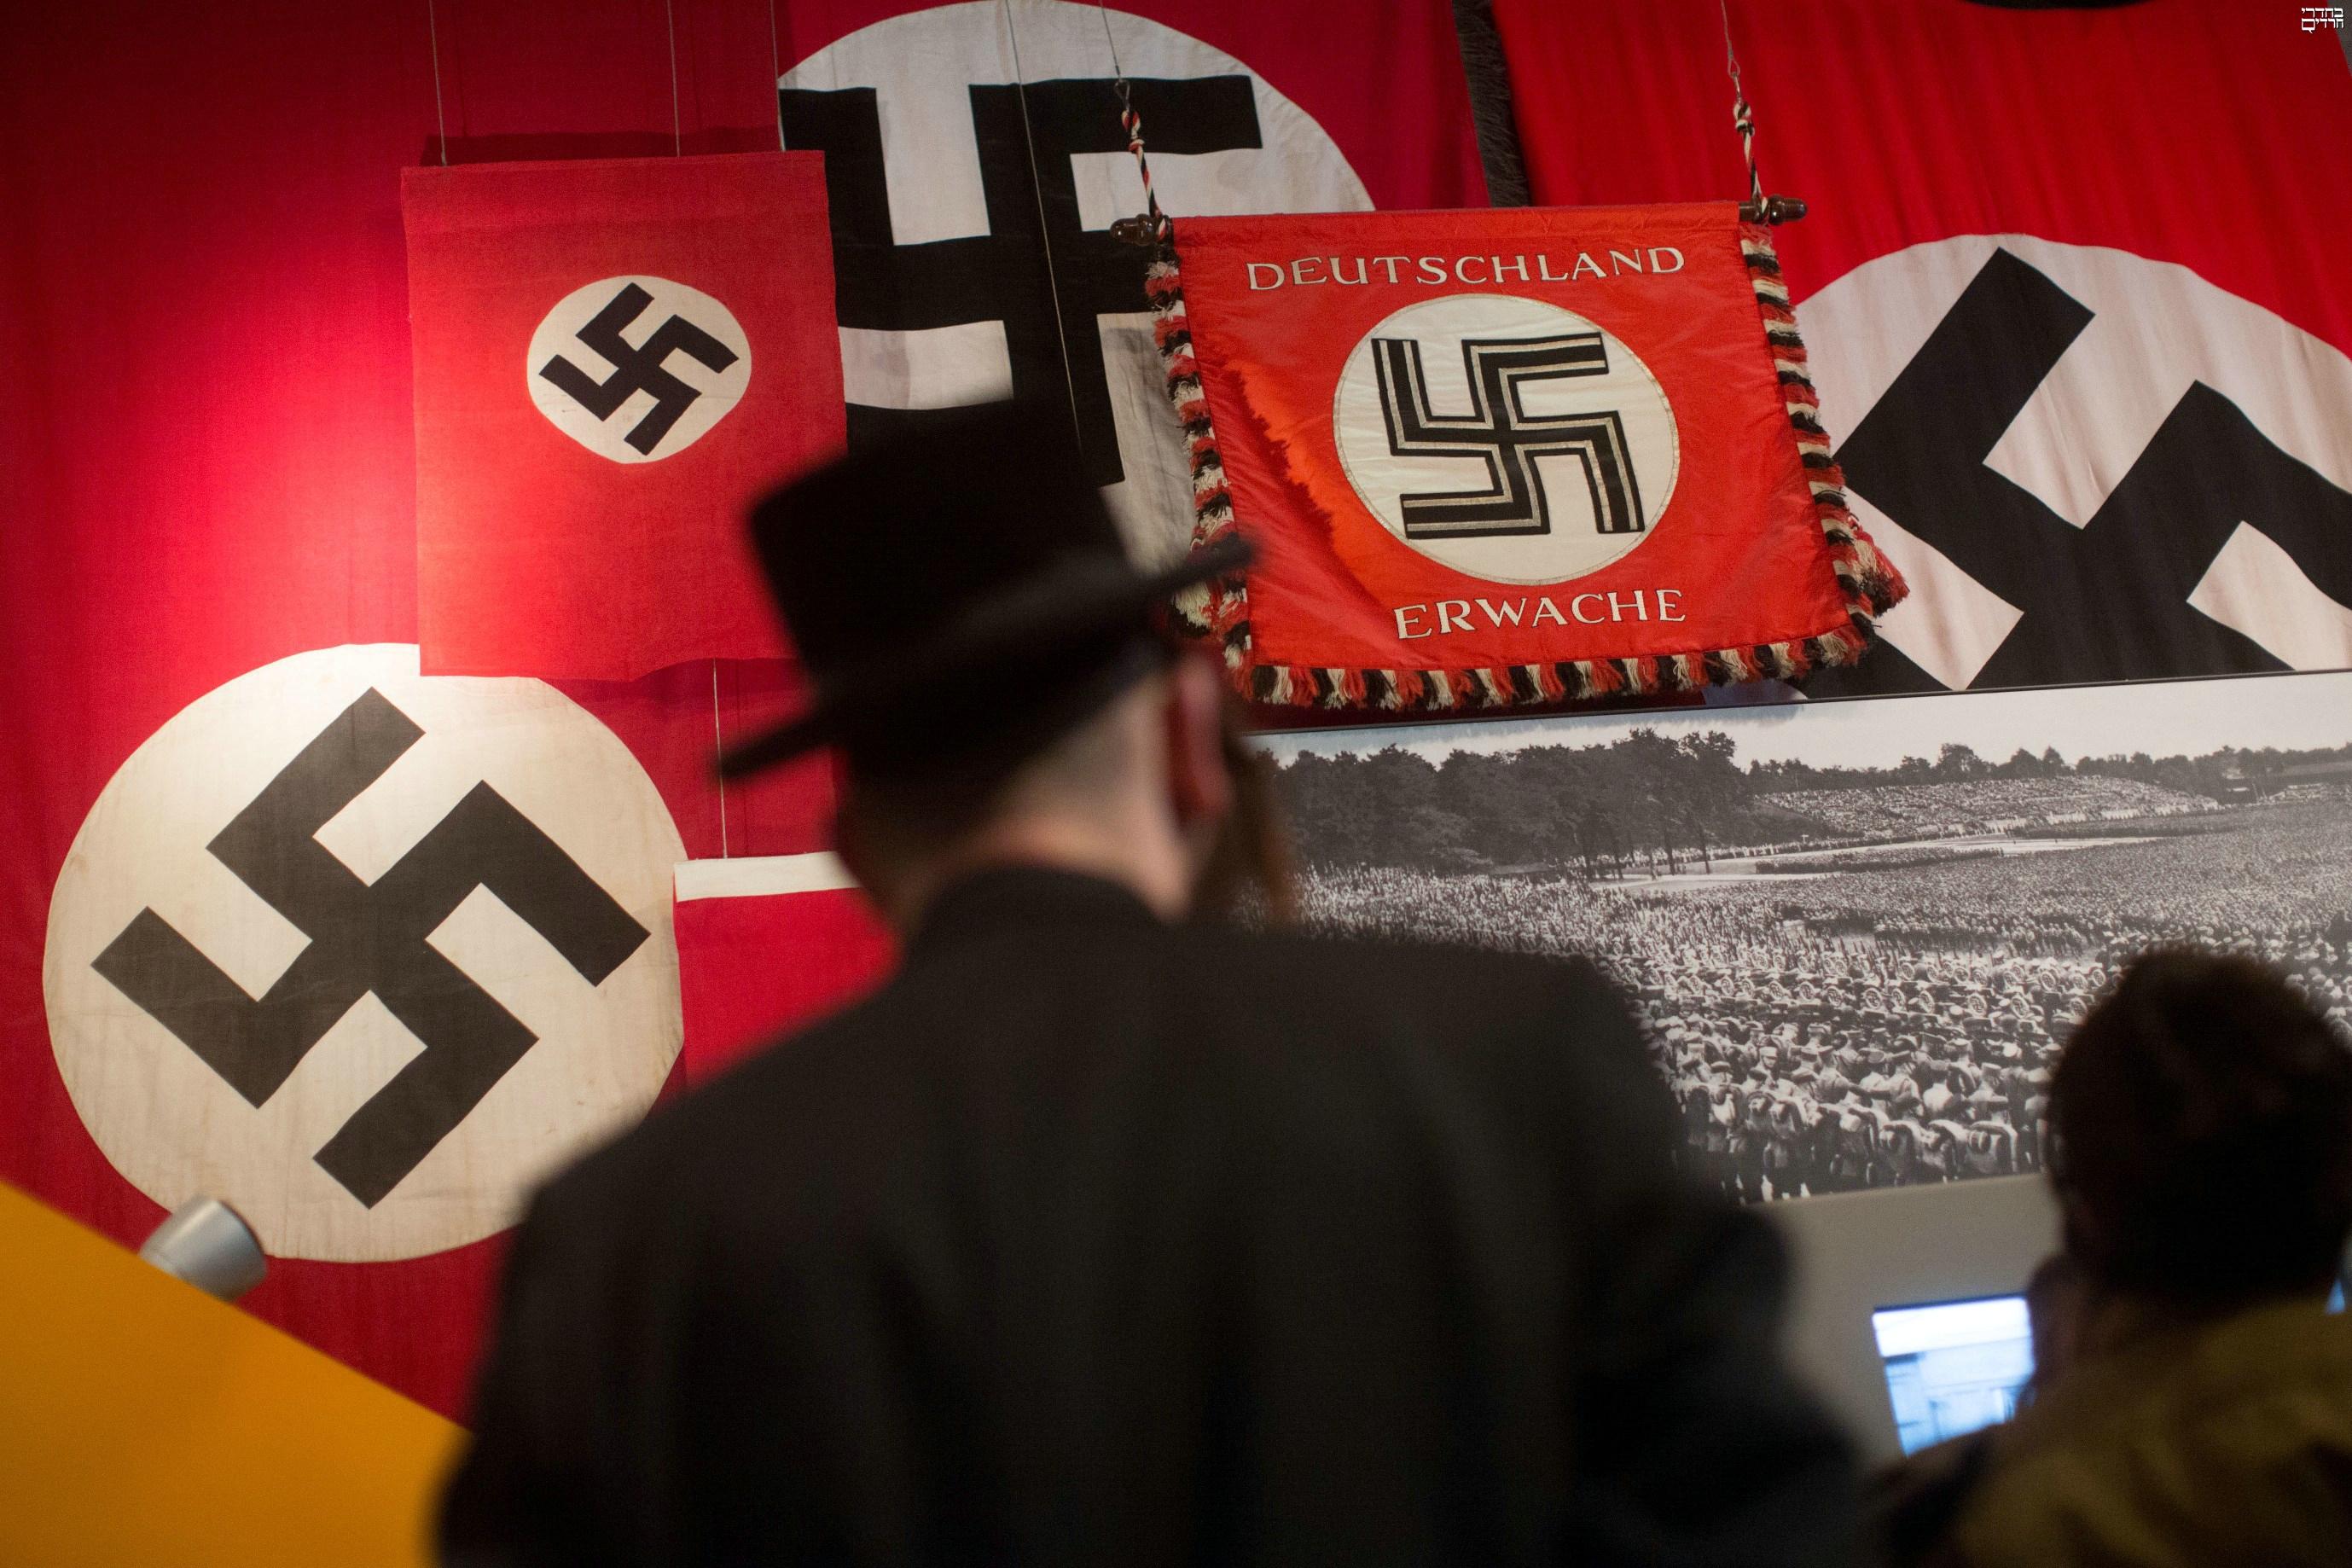 ככה עברתי את השואה • סיפור מזעזע